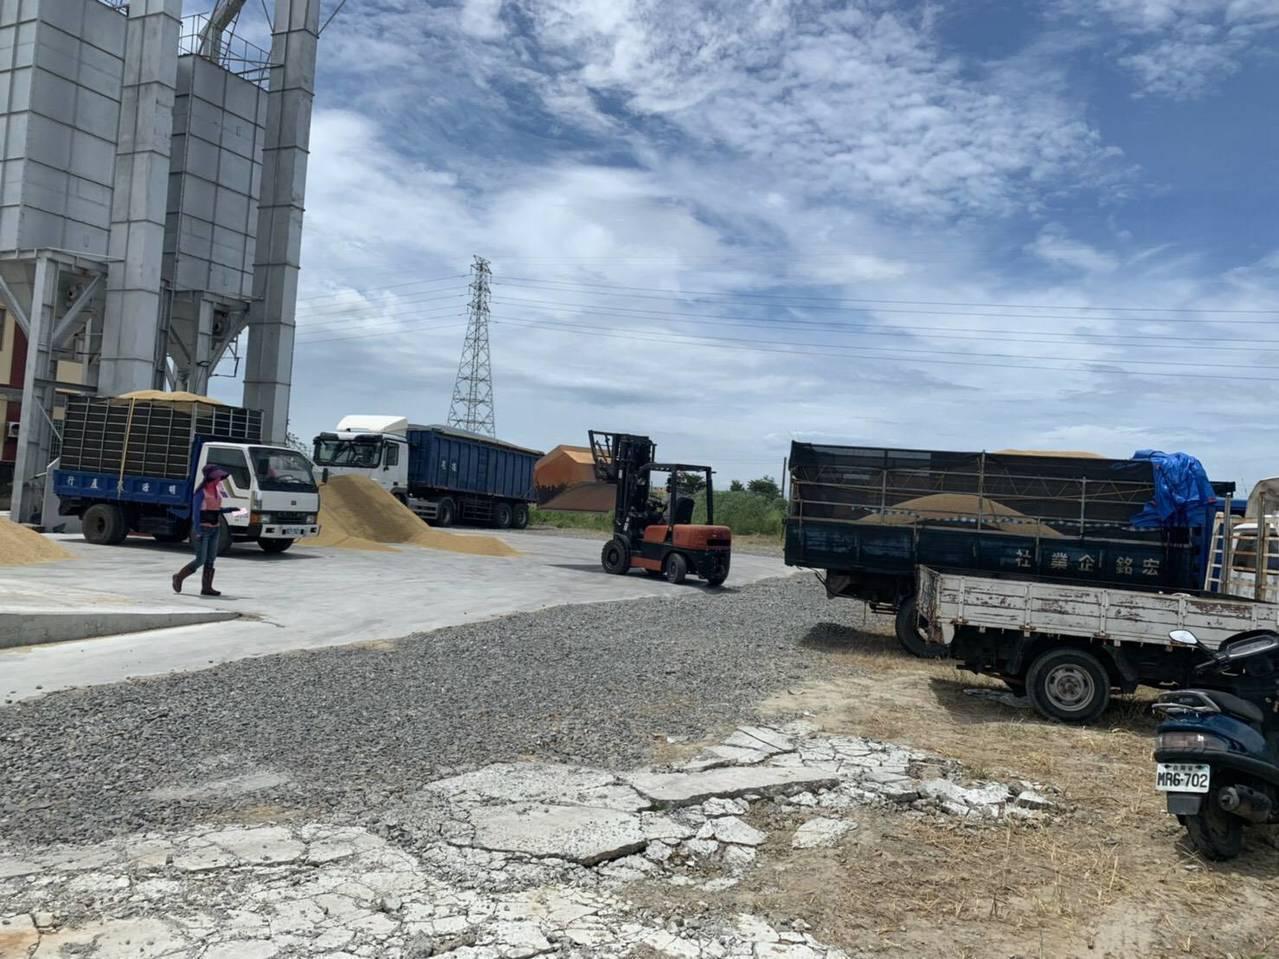 今年軟秈搶種造成崩盤 彰化縣4大糧商進場收購護盤